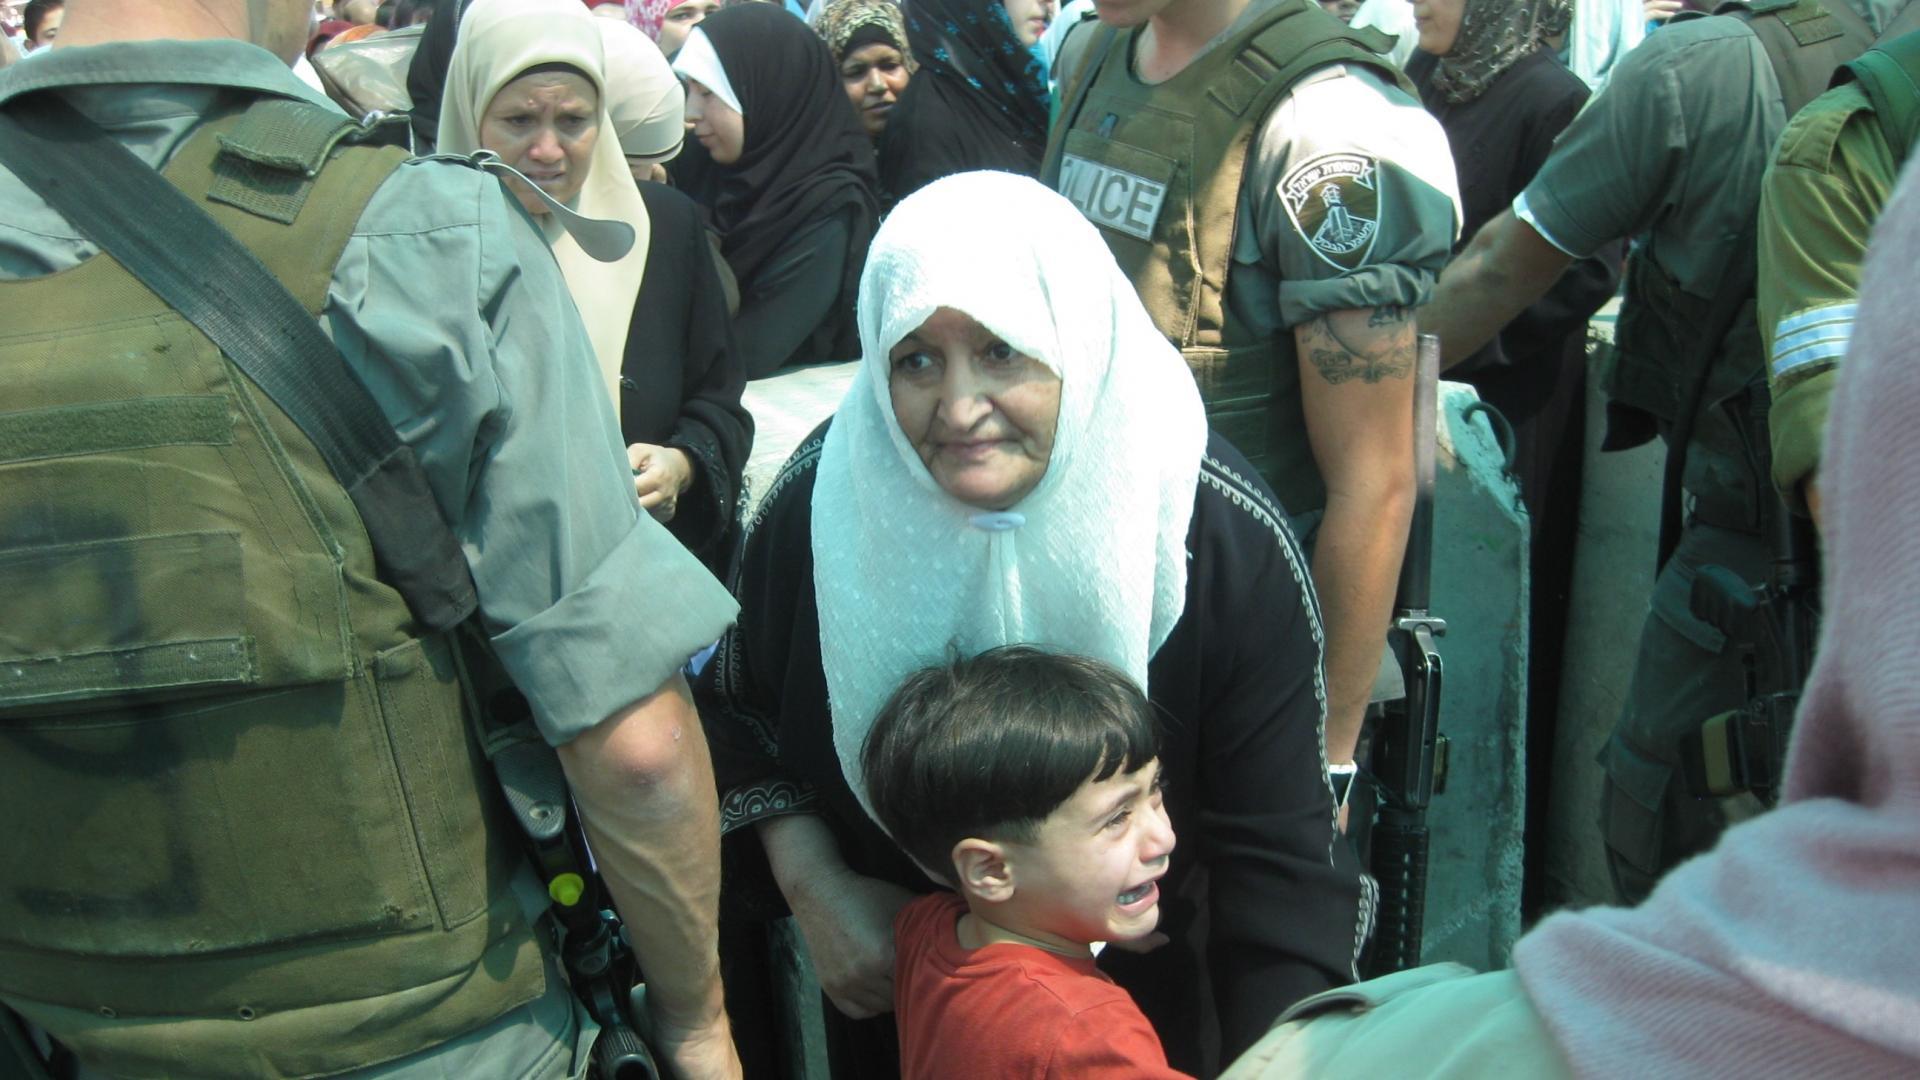 אישה מבוגרת ילד בוכה חייל במחסום